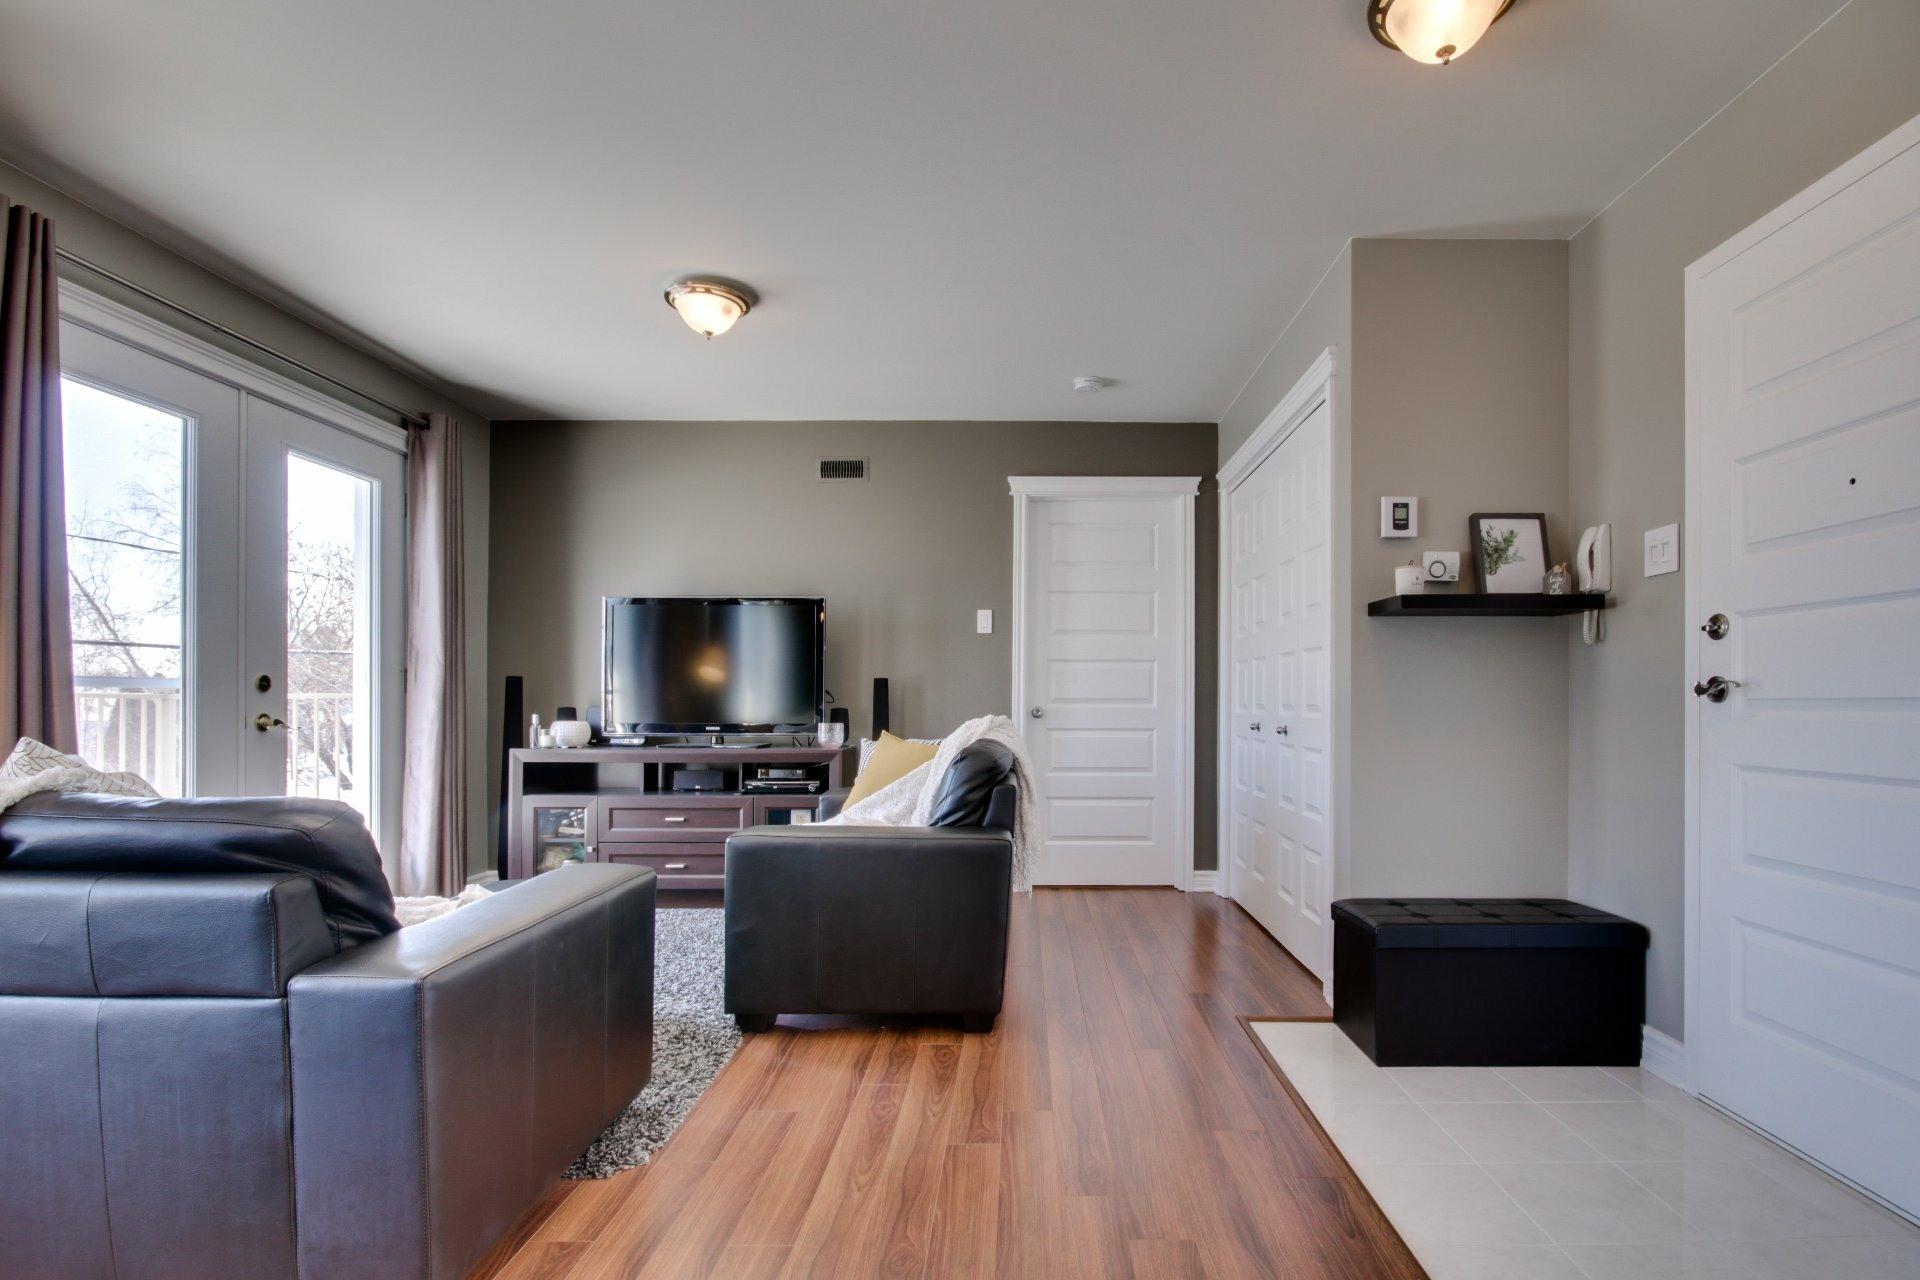 image 6 - Apartment For sale Trois-Rivières - 6 rooms